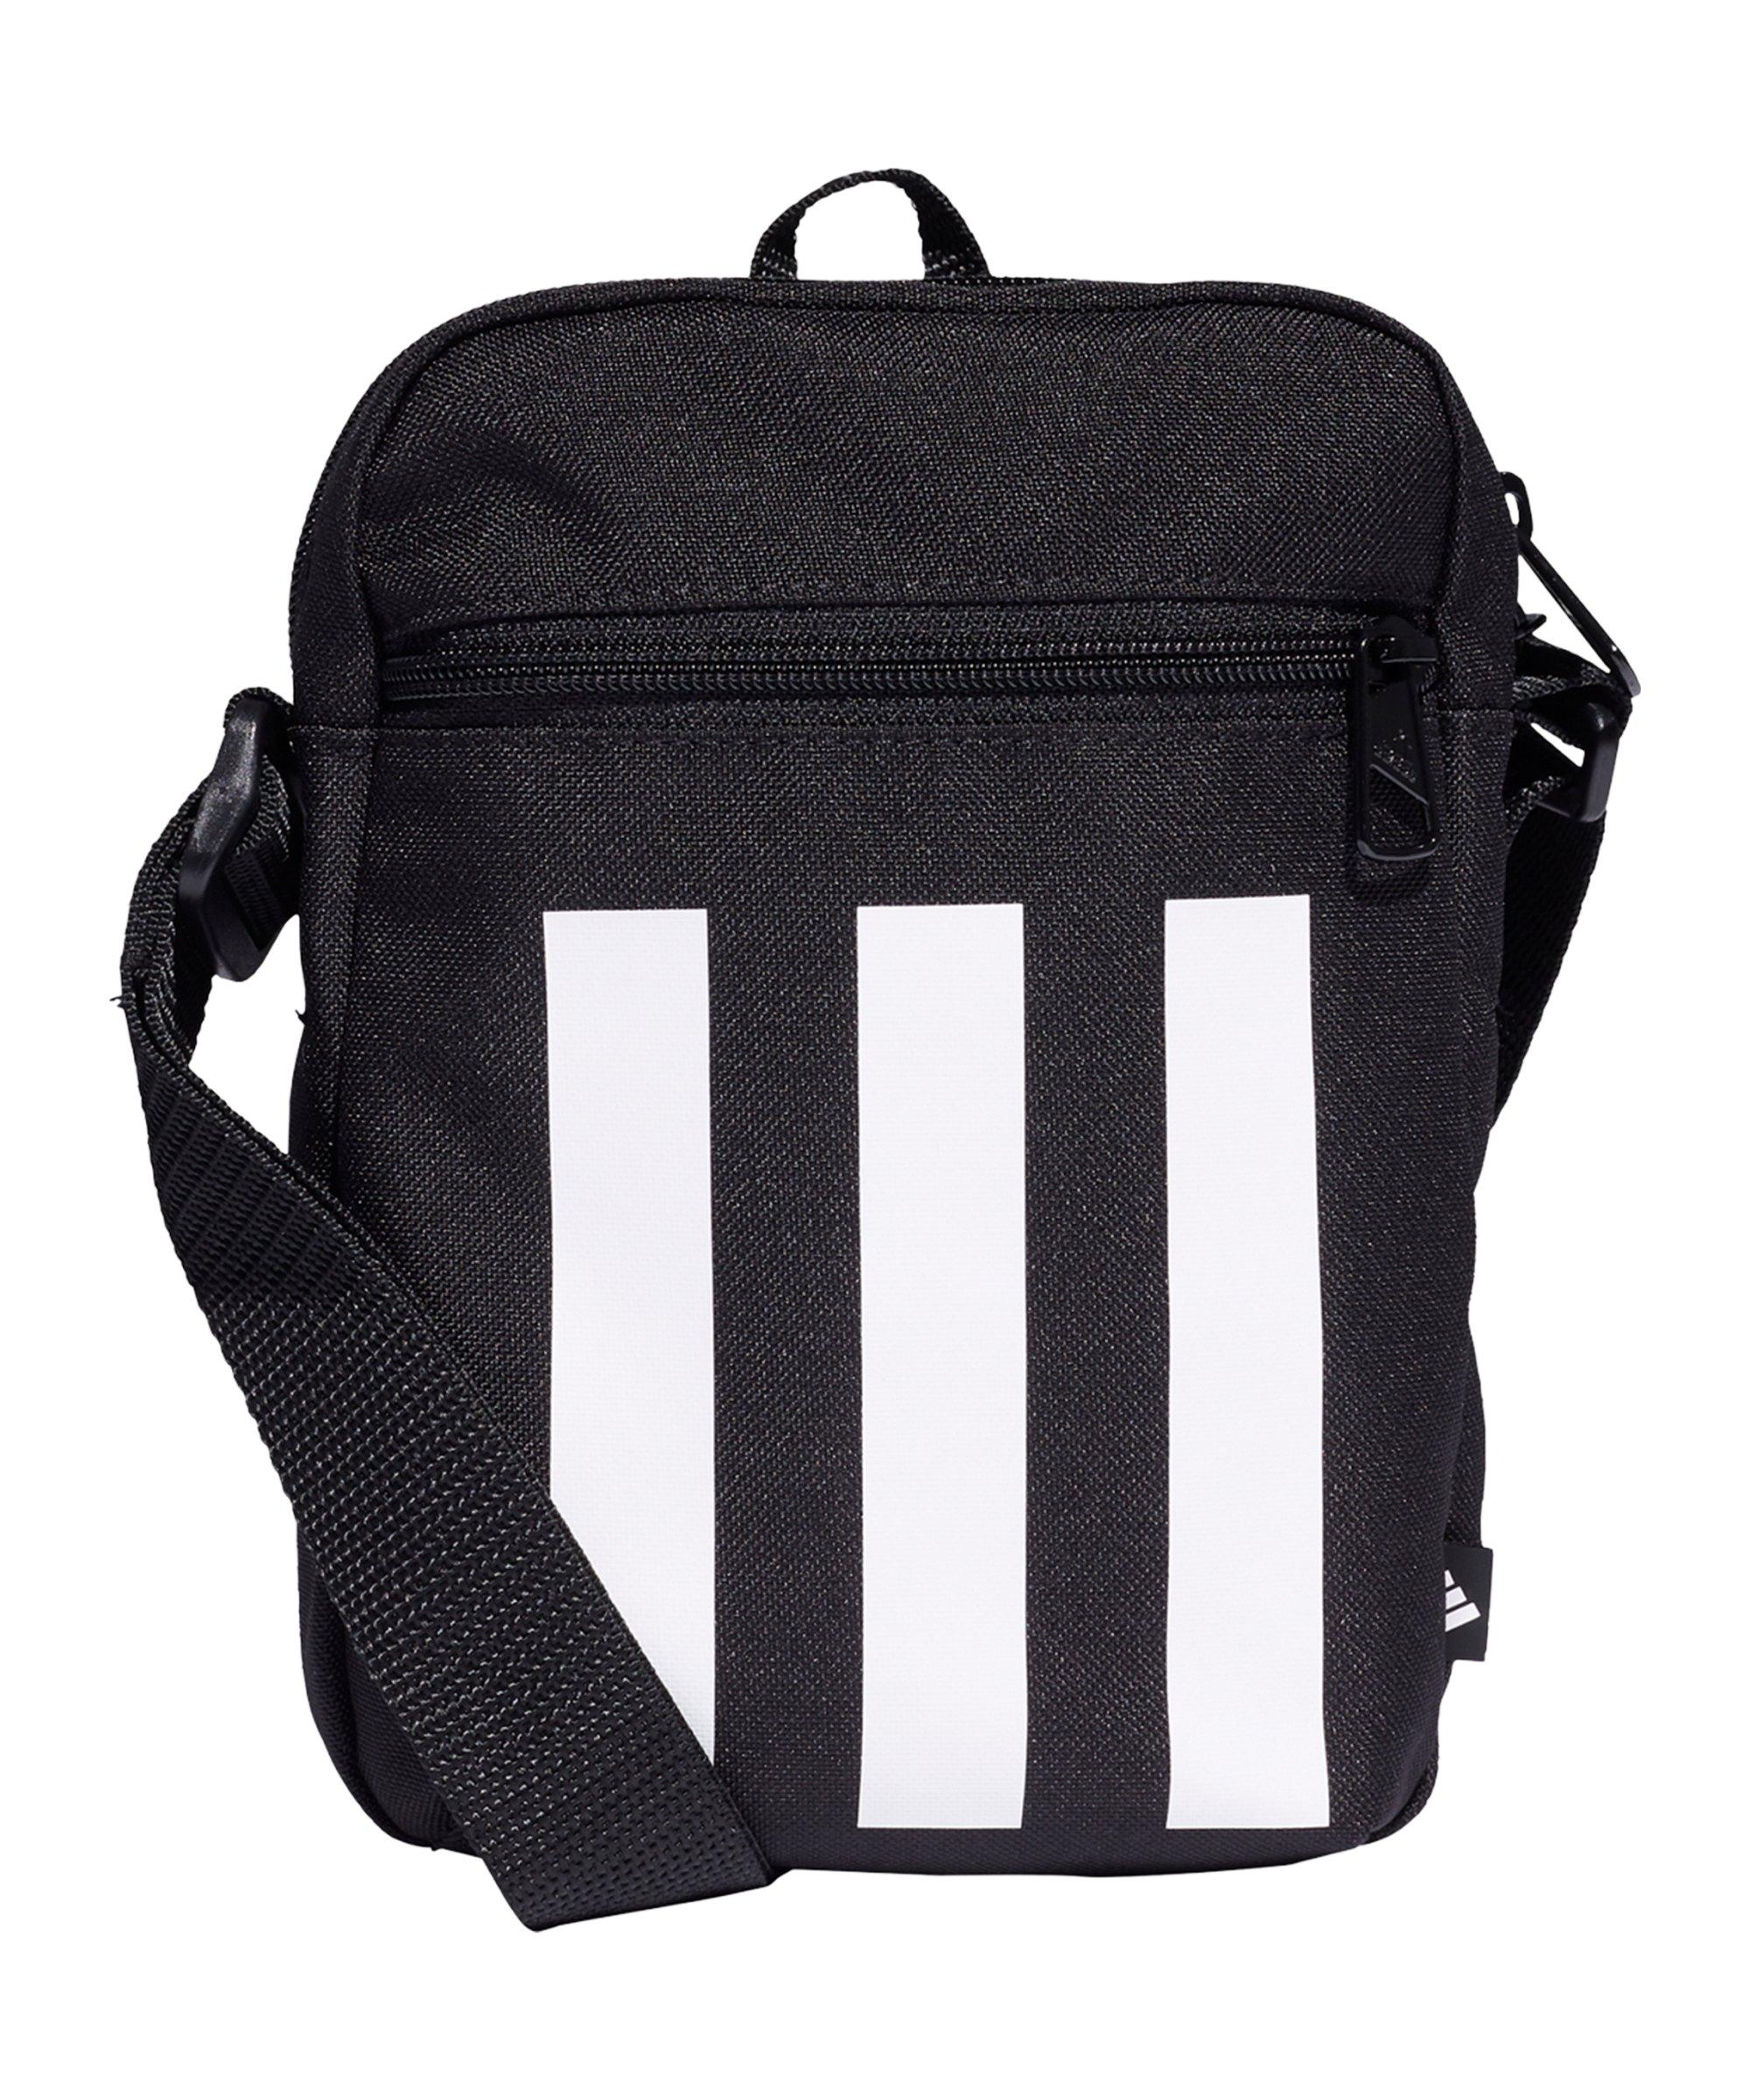 adidas 3 Stripes Tasche Schwarz Weiss - schwarz